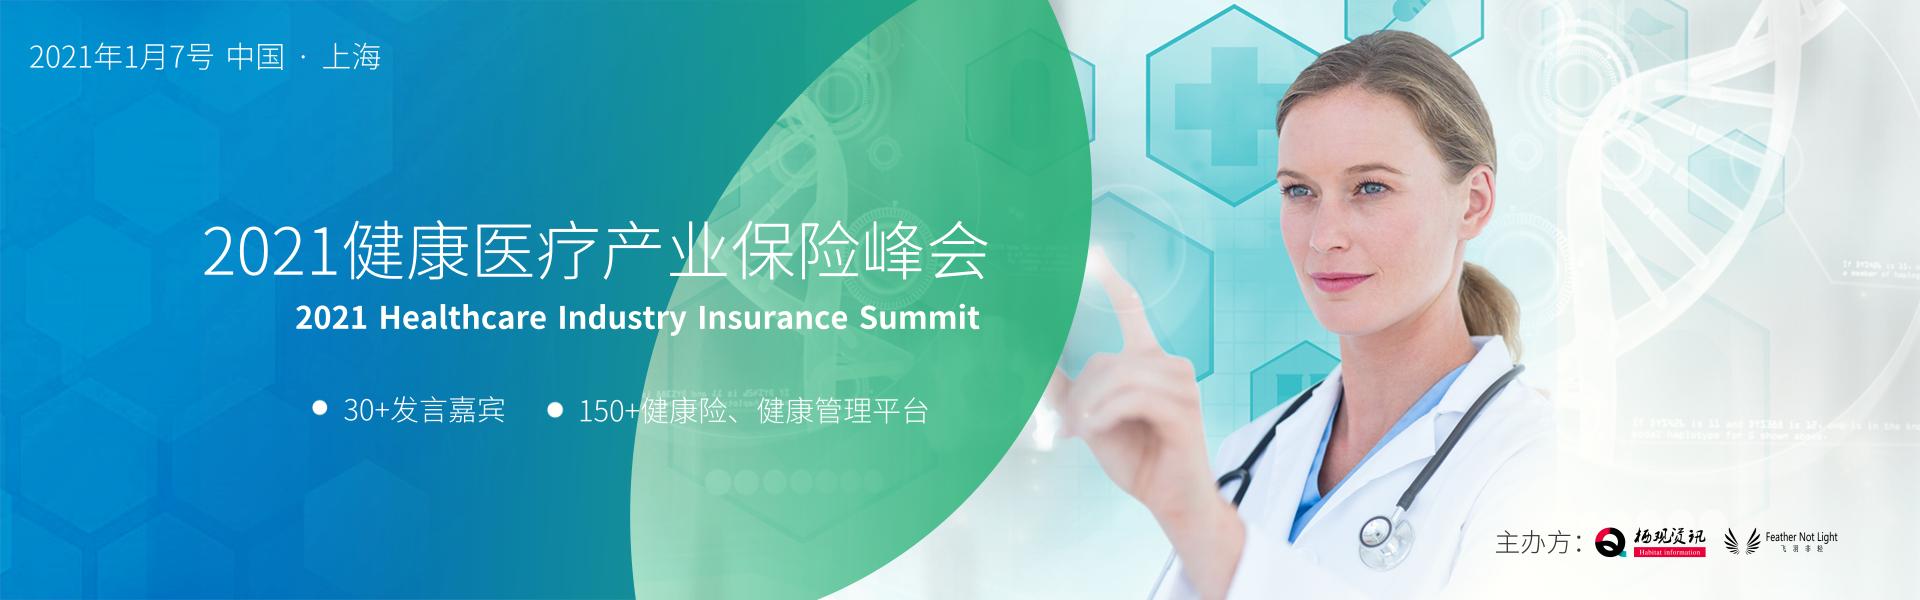 2021健康醫療產業保險峰會及金革獎